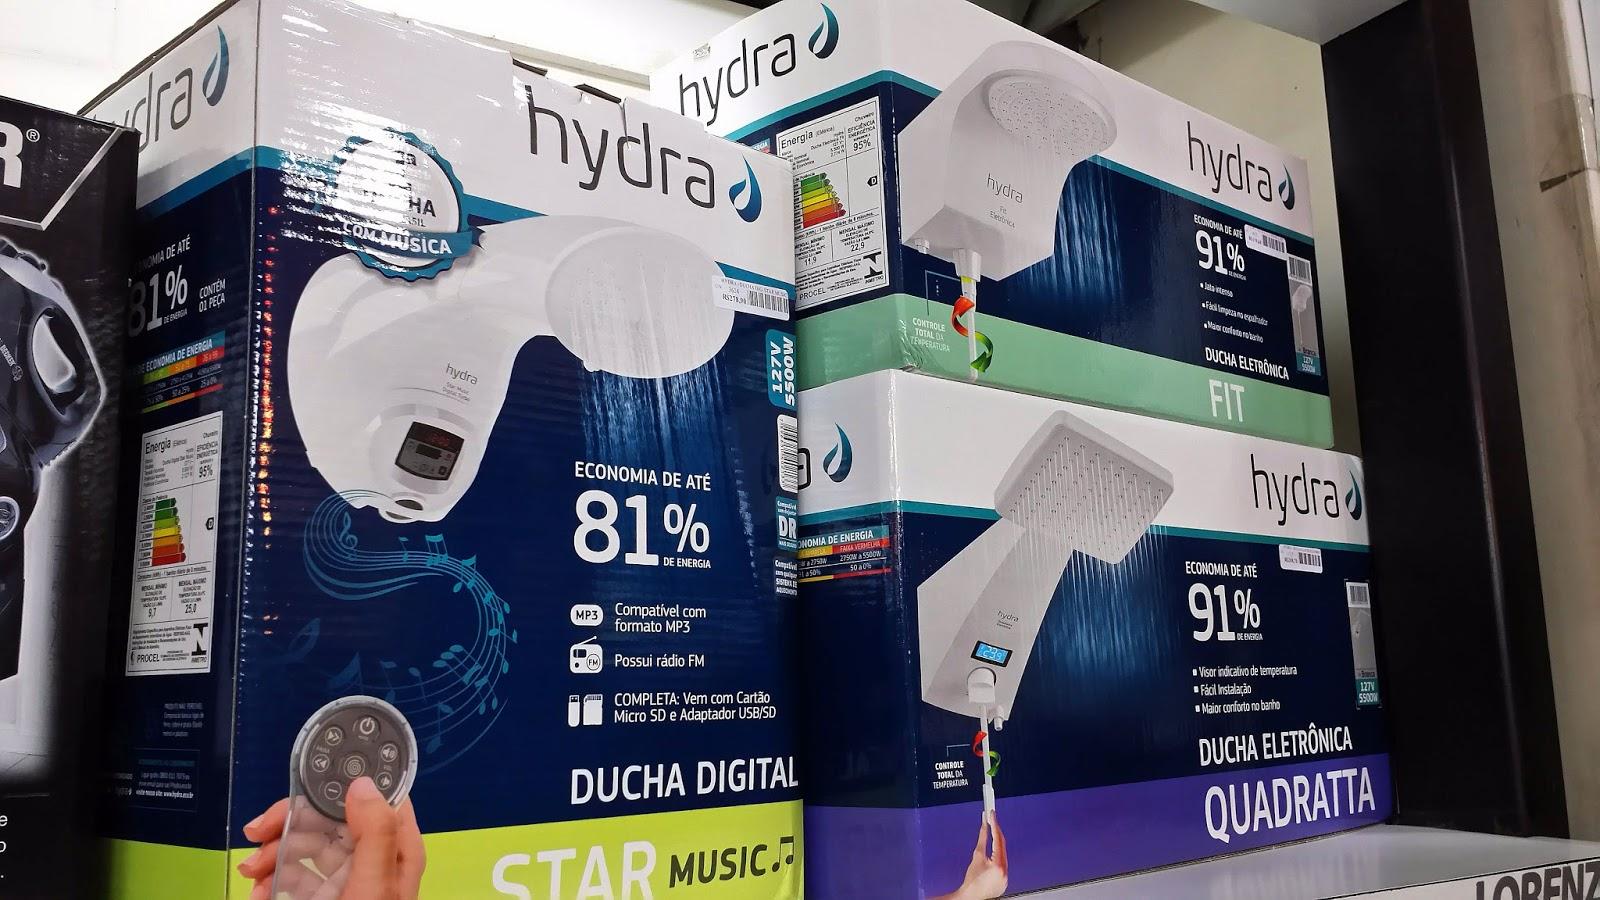 Dicas do Gilson Eletricista: Vídeos Eletrizantes: Hydra Ducha Digital  #959E2D 1600 900